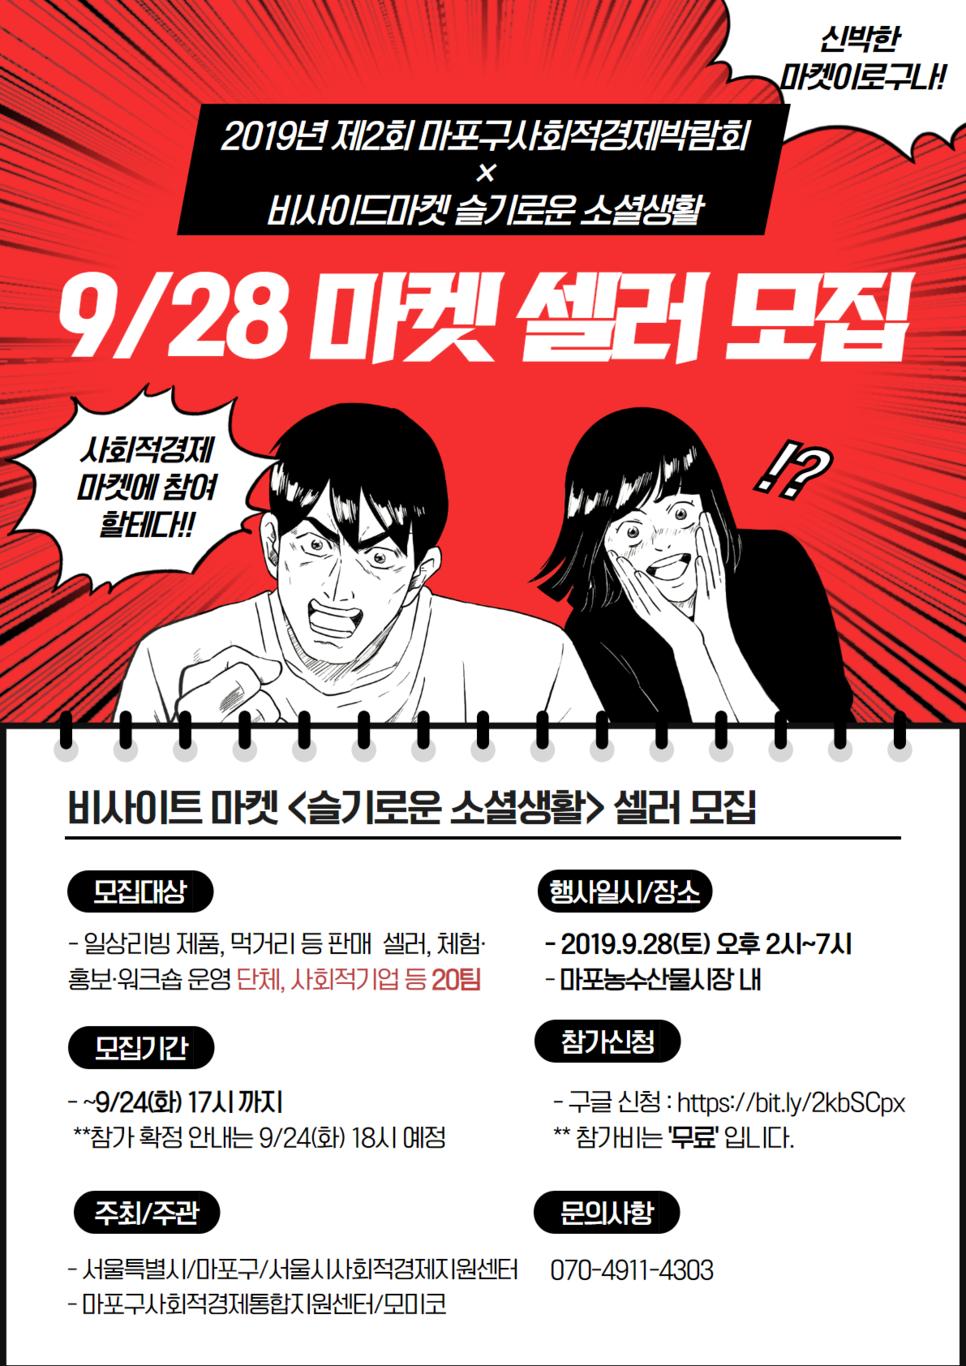 슬기로운소셜생활_셀러모집_9.28.png